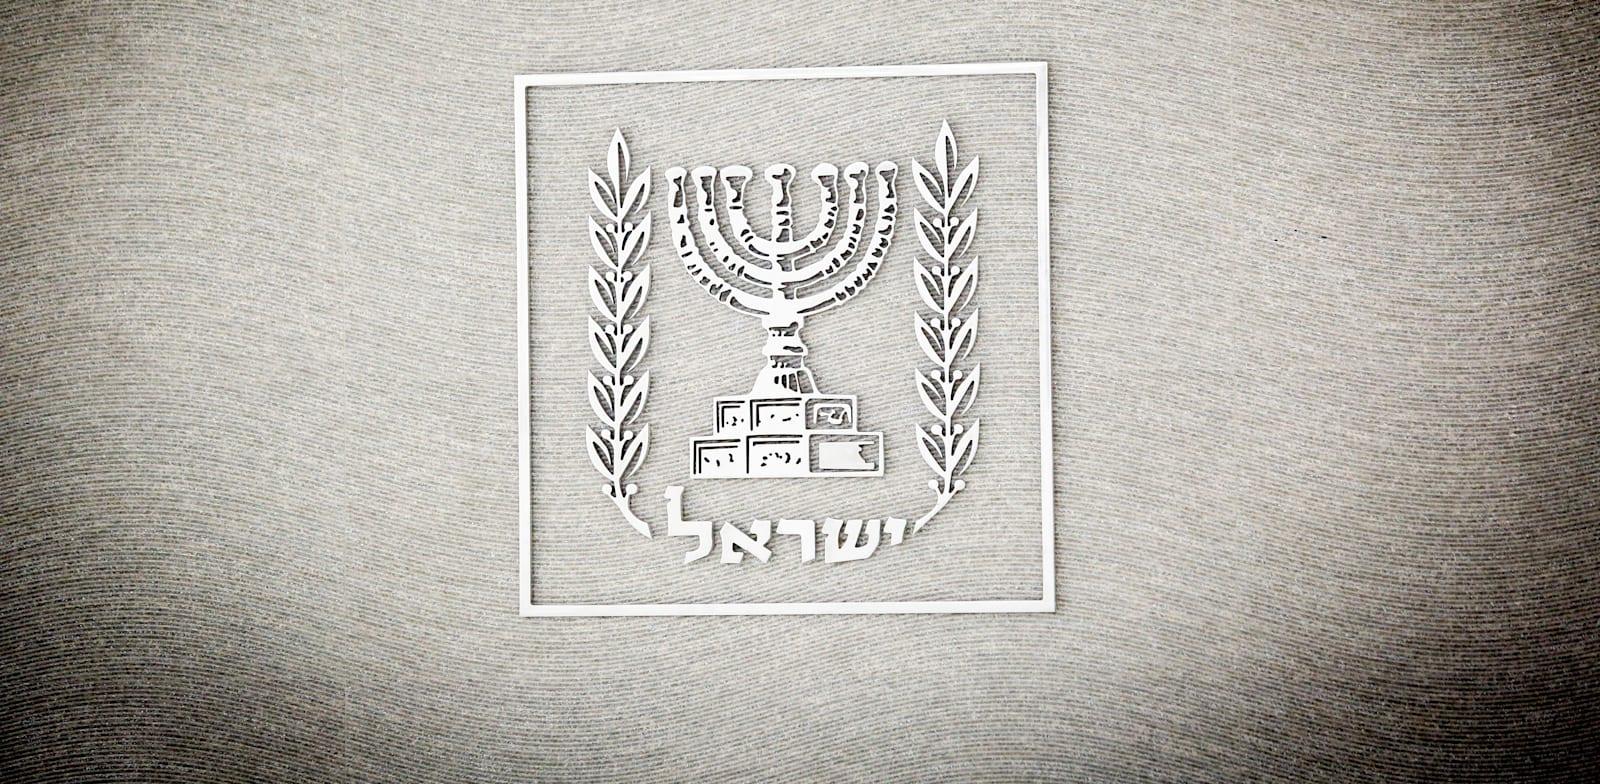 סמל מדינת ישראל / צילום: שלומי יוסף